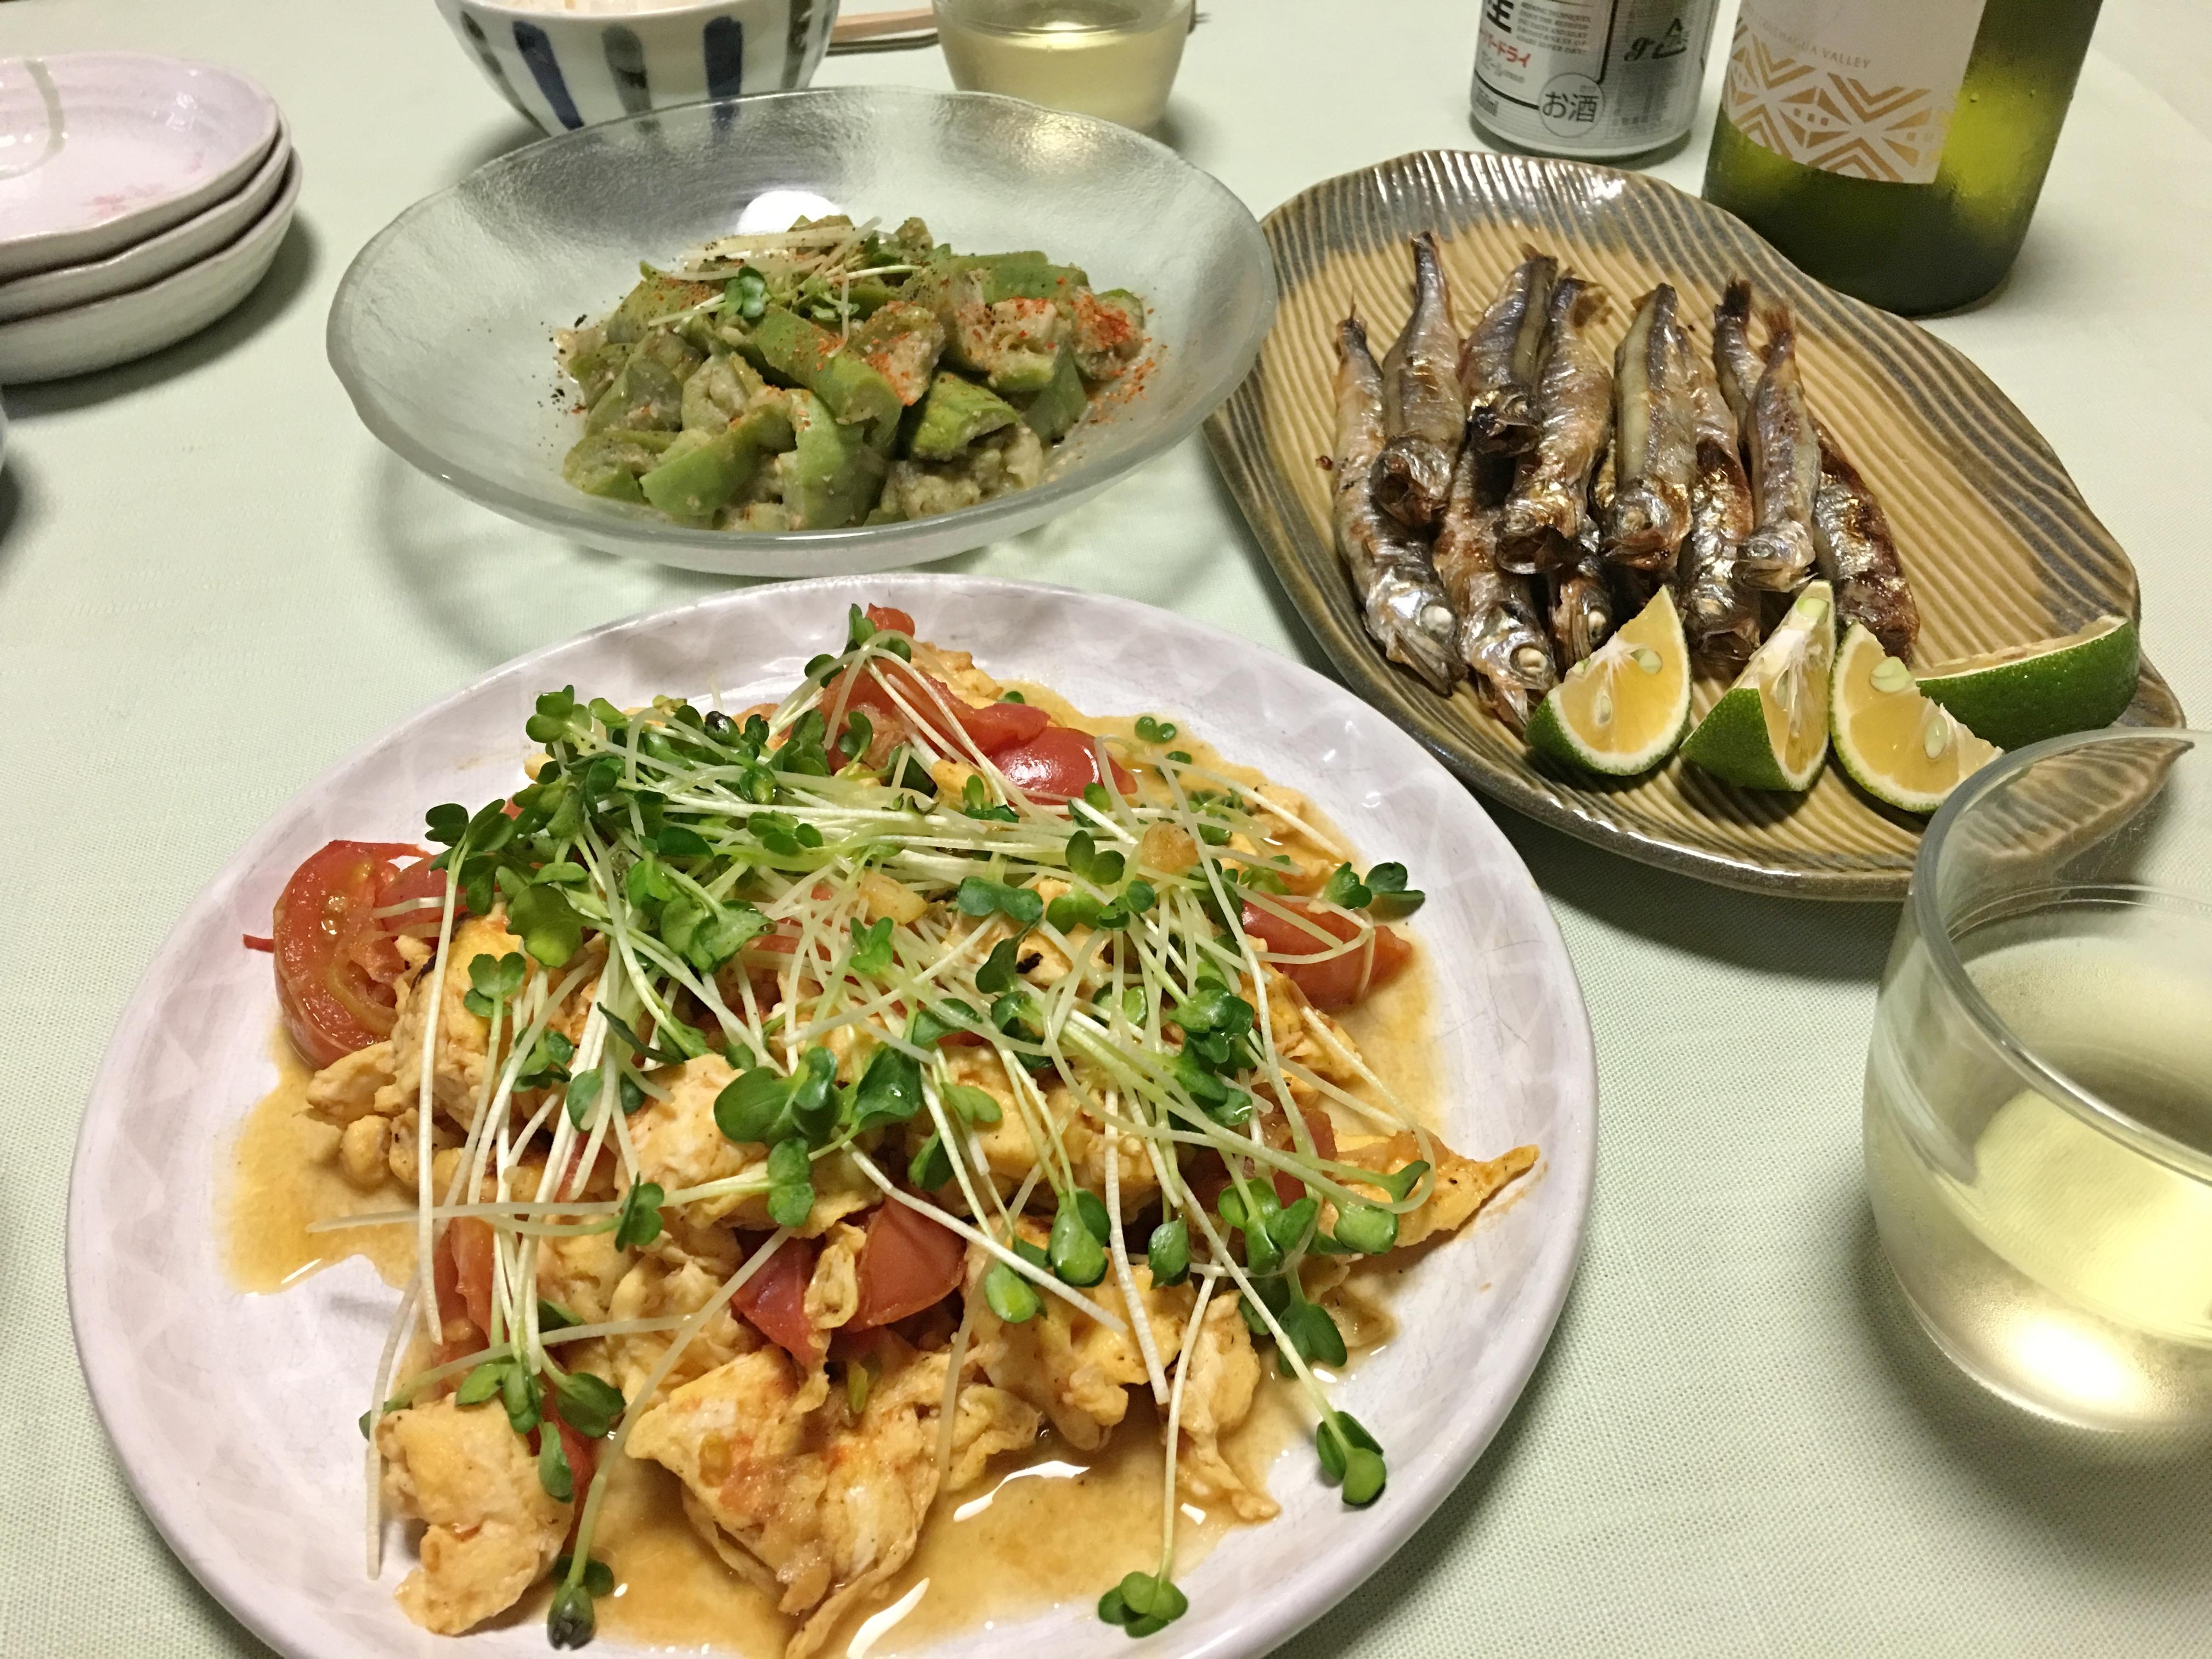 レンチン蒸ナス中心の夕食の写真